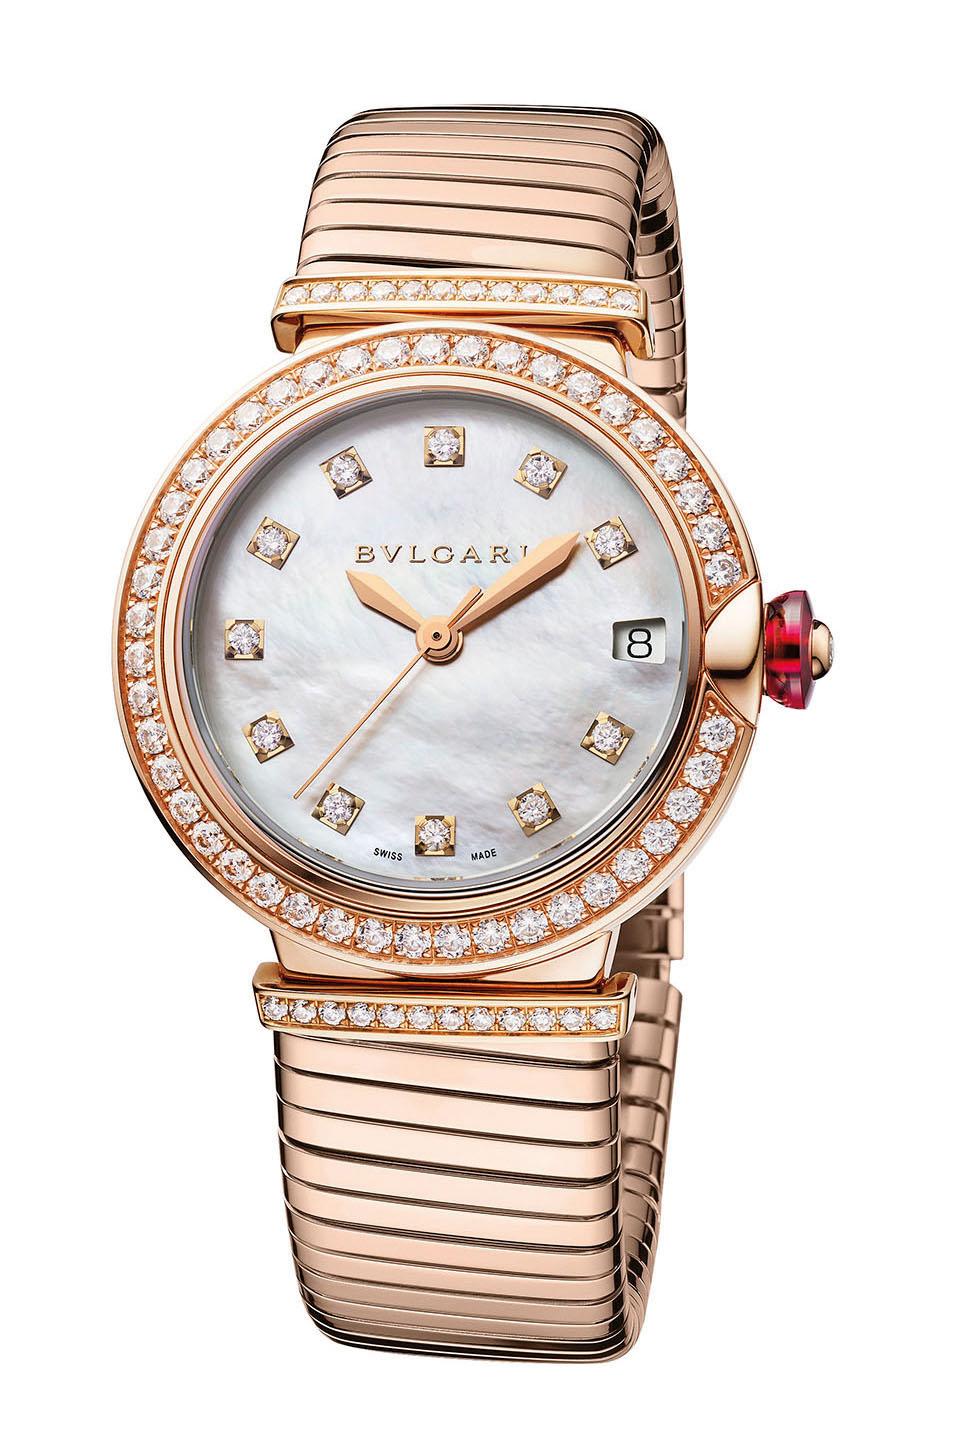 jewellery watches bvlgari